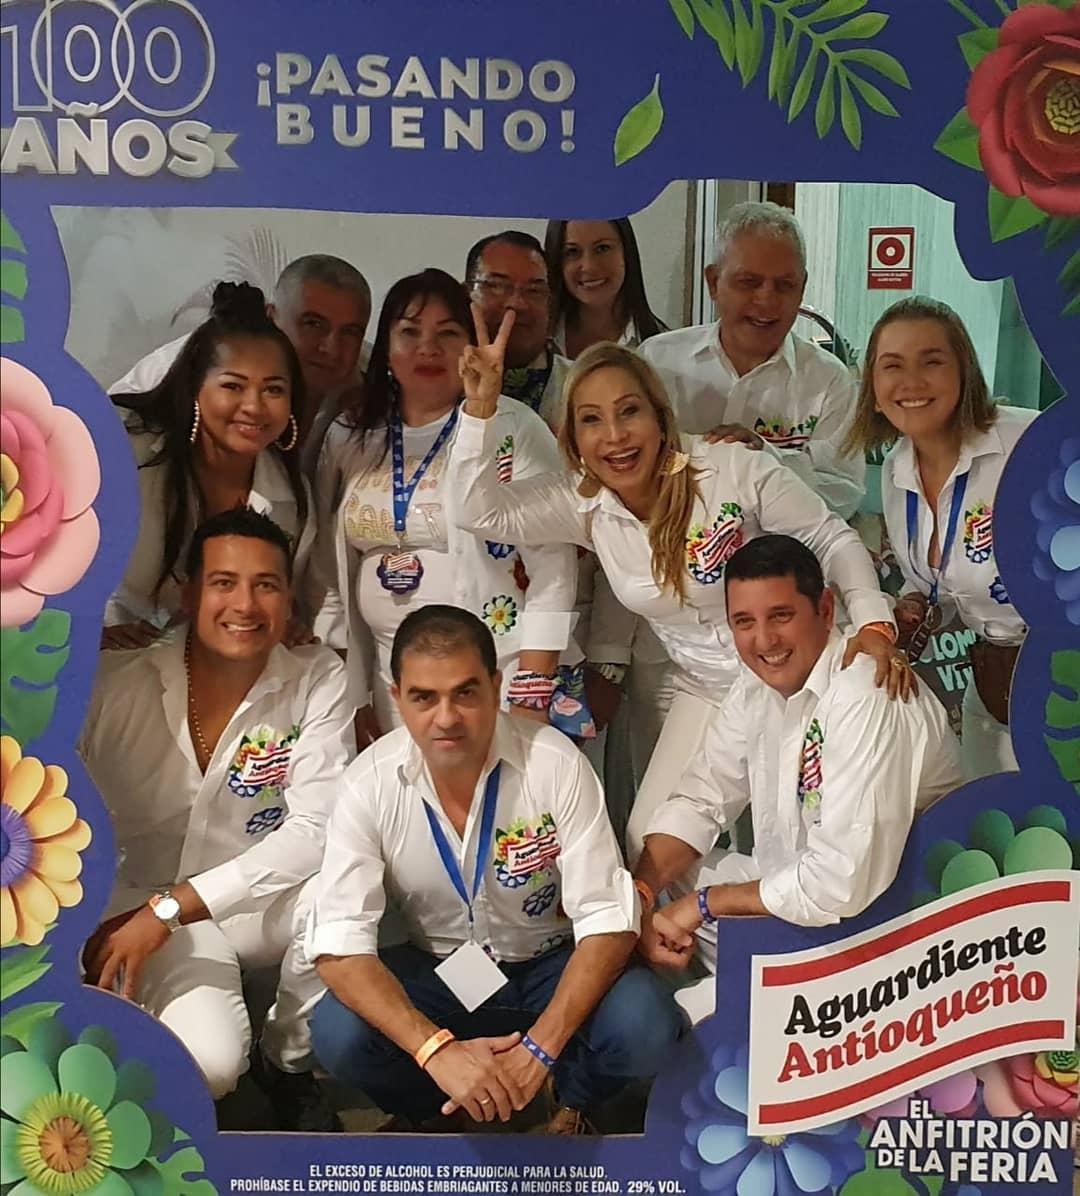 #TBT La #FeriaDeLasFlores 2019 se disfrutó y se gozó  a lo grande en compañía de #ElAnfitrión #AguardienteAntioqueño   Momentos #PaLasQueSea y #PaLosQueSea #EnCasa #QuédateEnCasa #Jueves #Agosto #Montería #Córdoba #Colombiapic.twitter.com/ypmyviGnTP